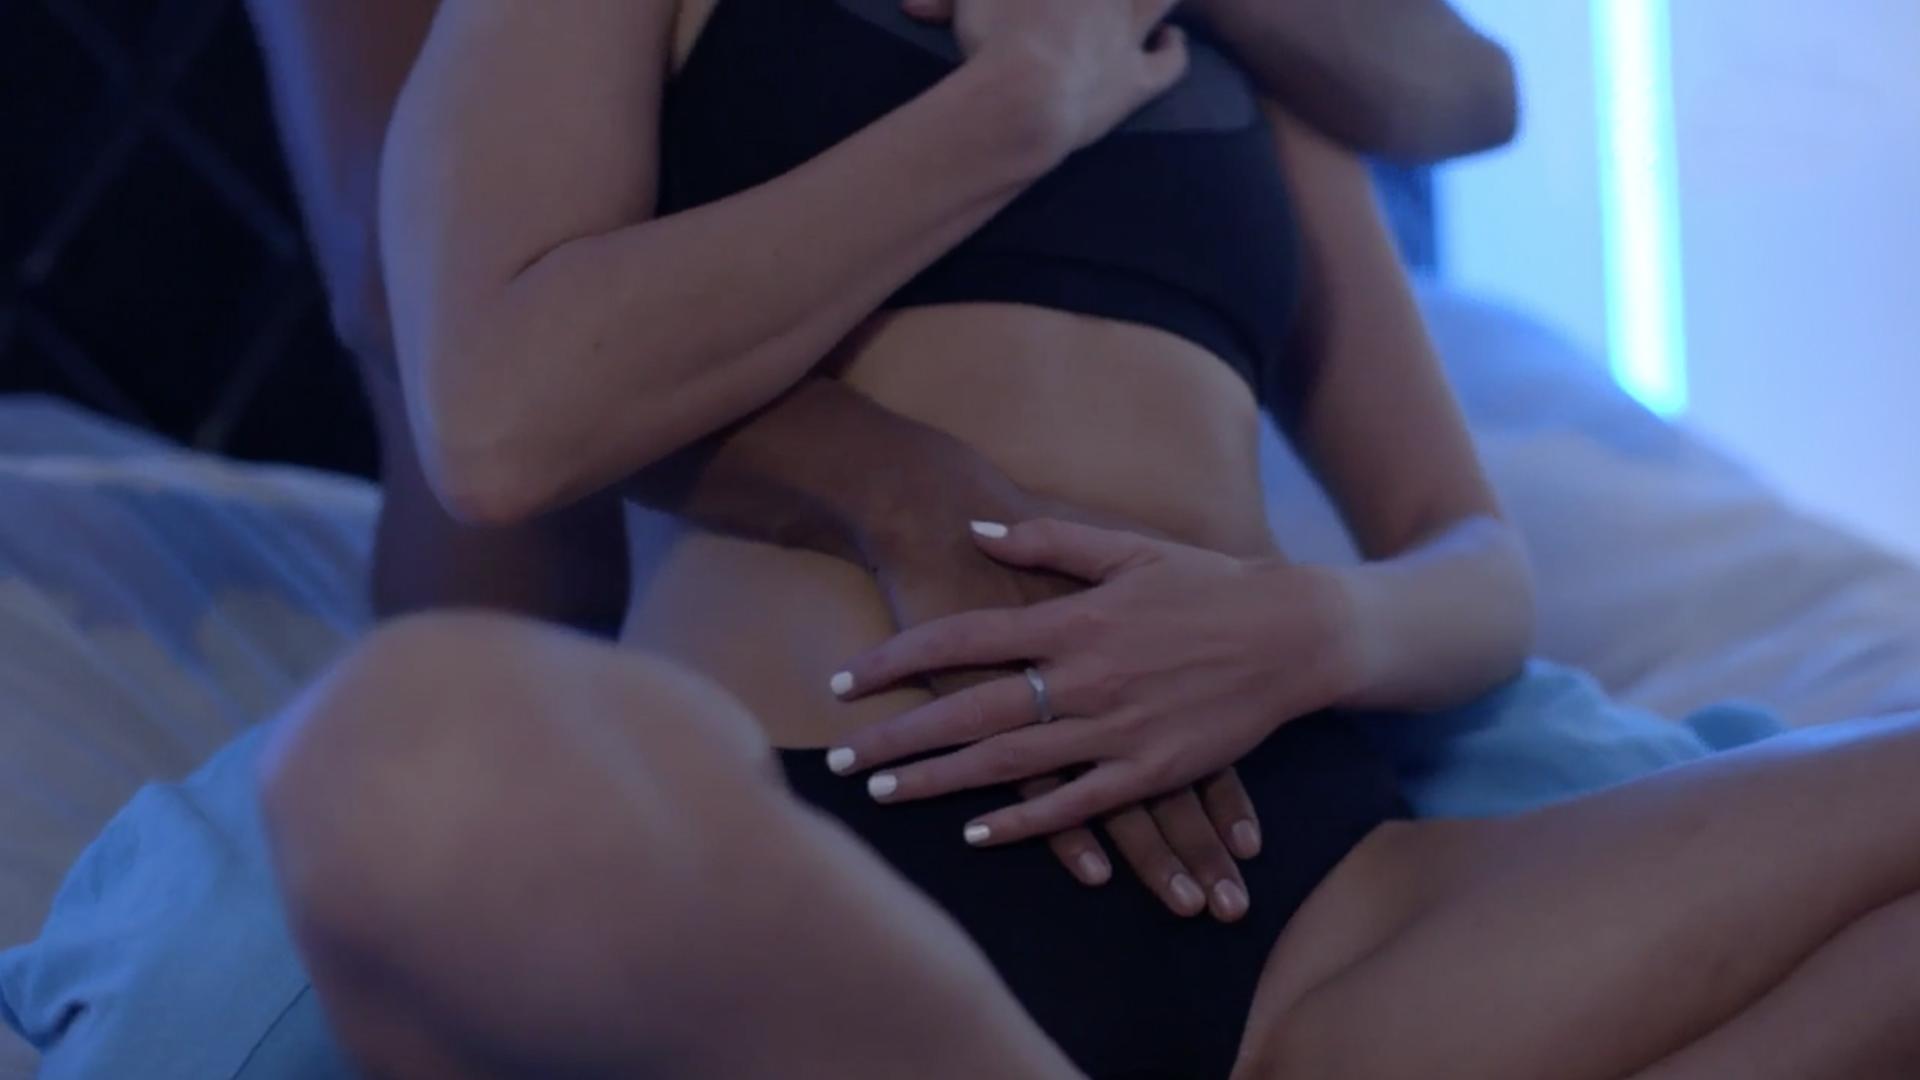 test sessualità maschile video porno tantra